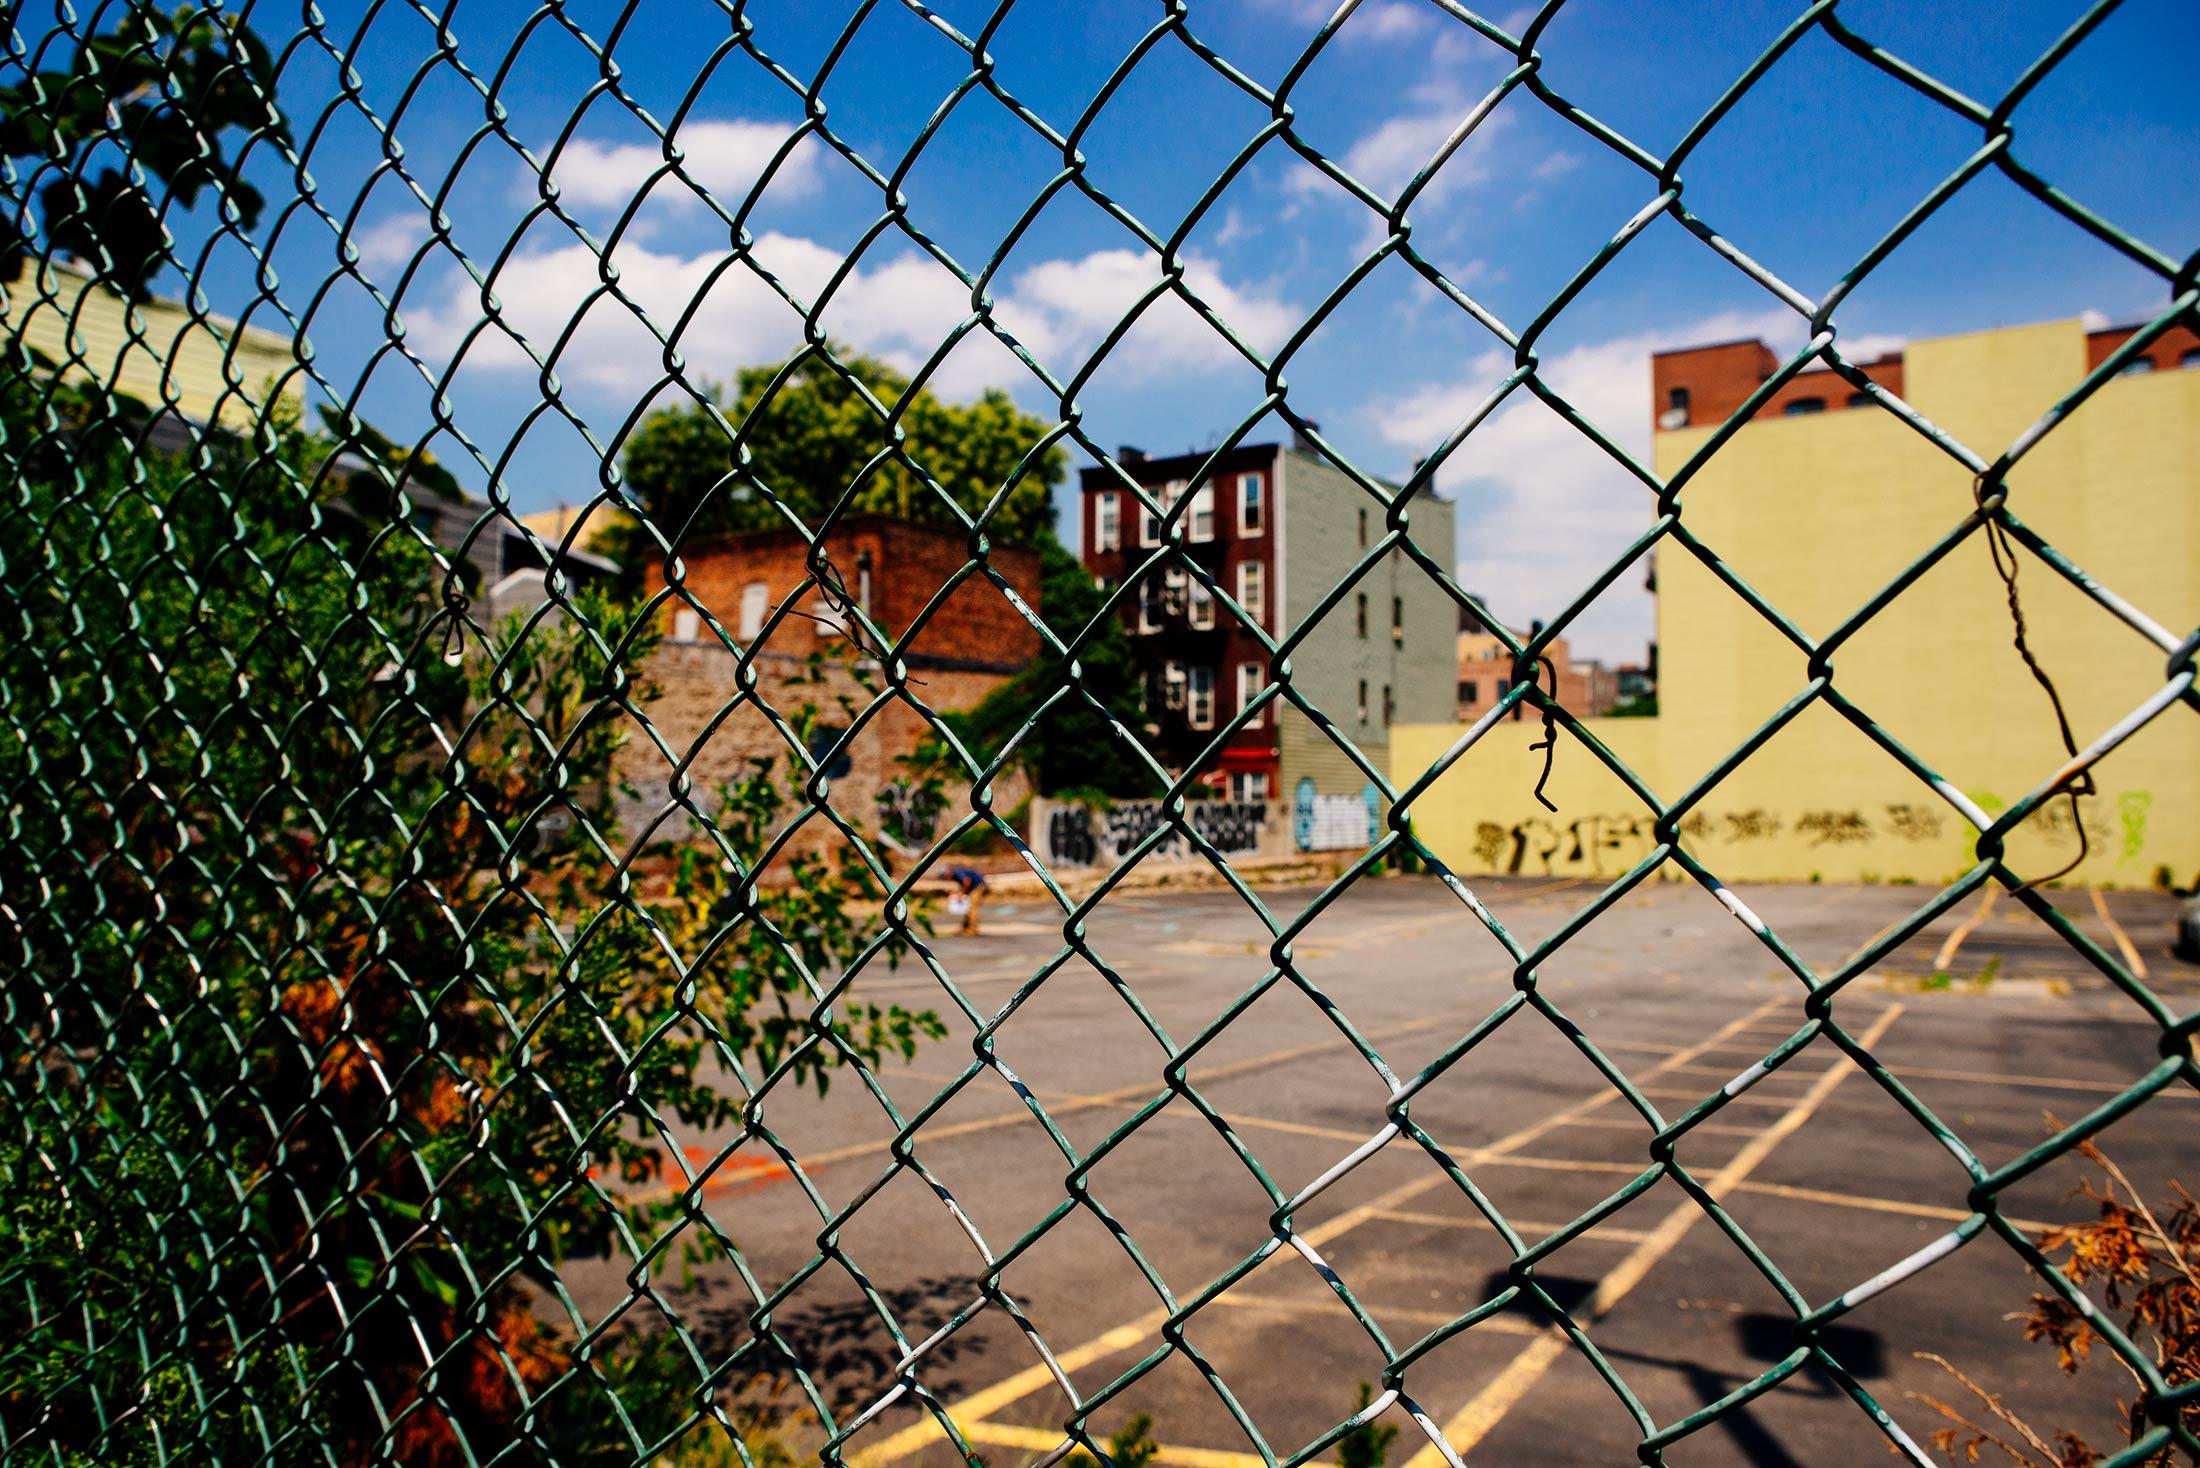 NYC_NewYorkCity_07-Mitja_Schneehage